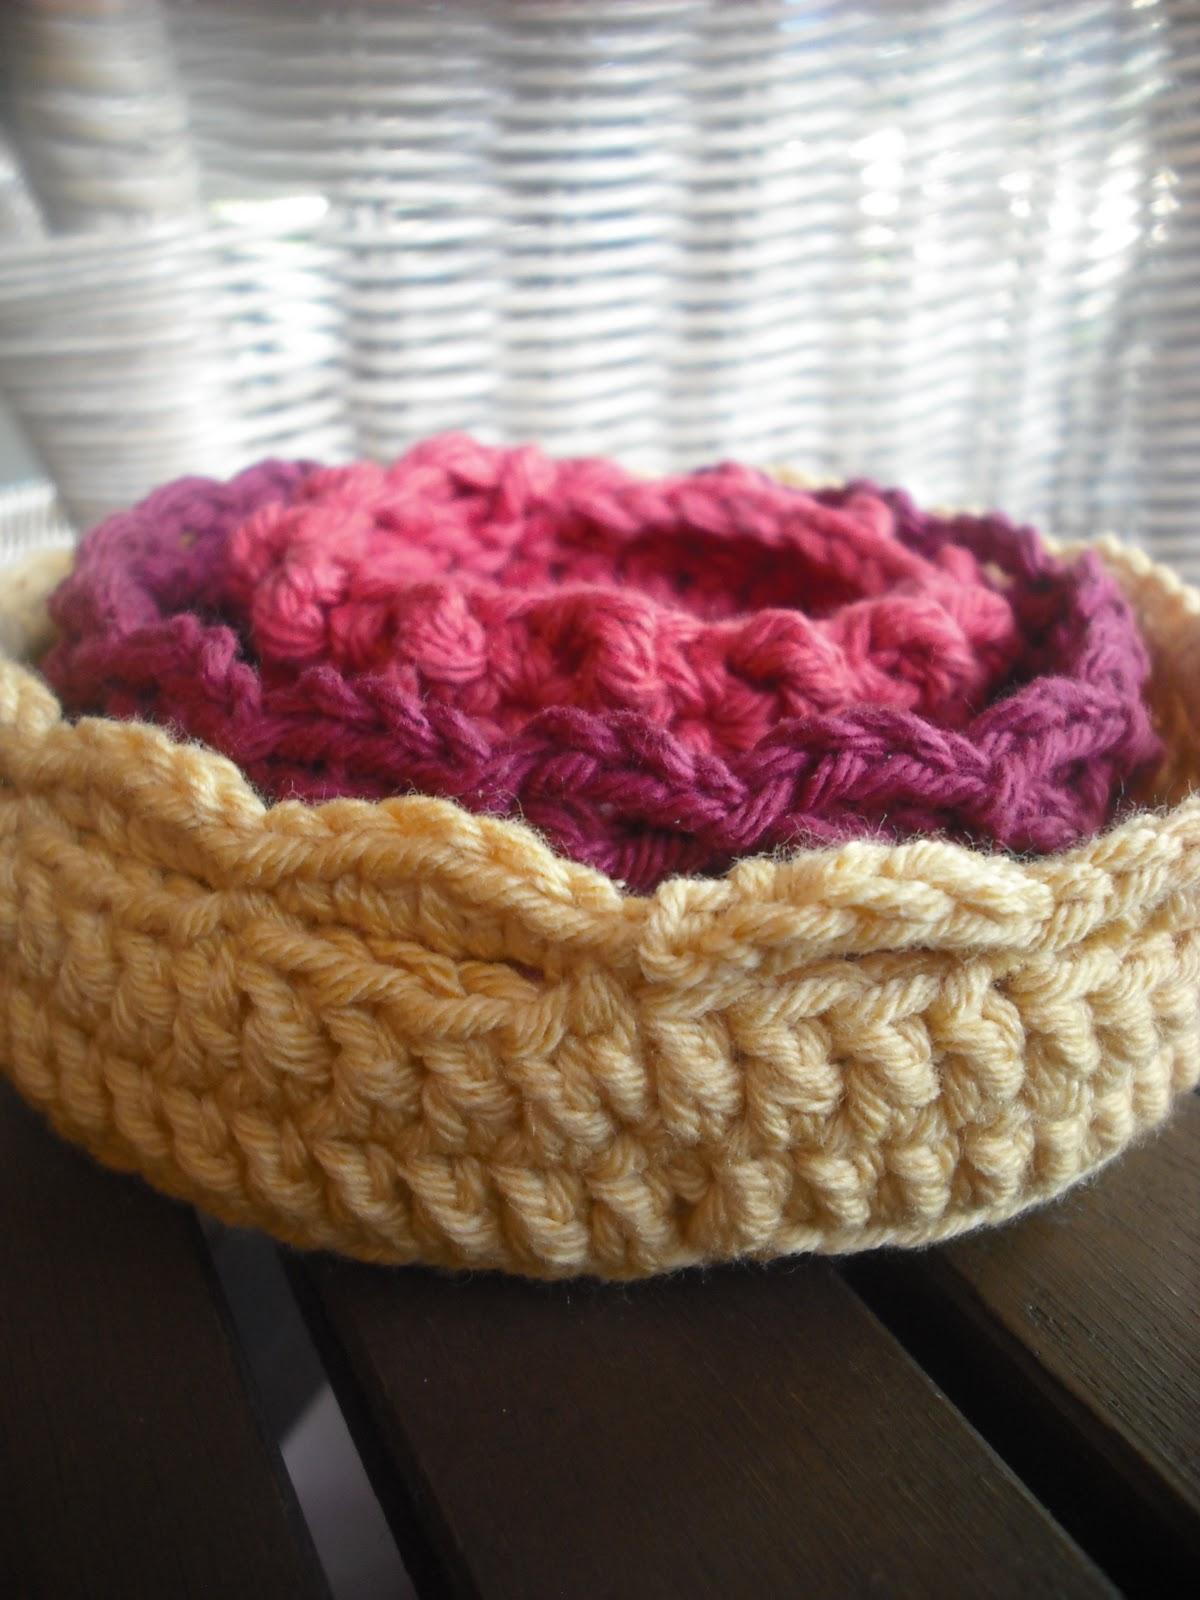 Purple Chair Crochet: Nesting Bowl Trio - Free!